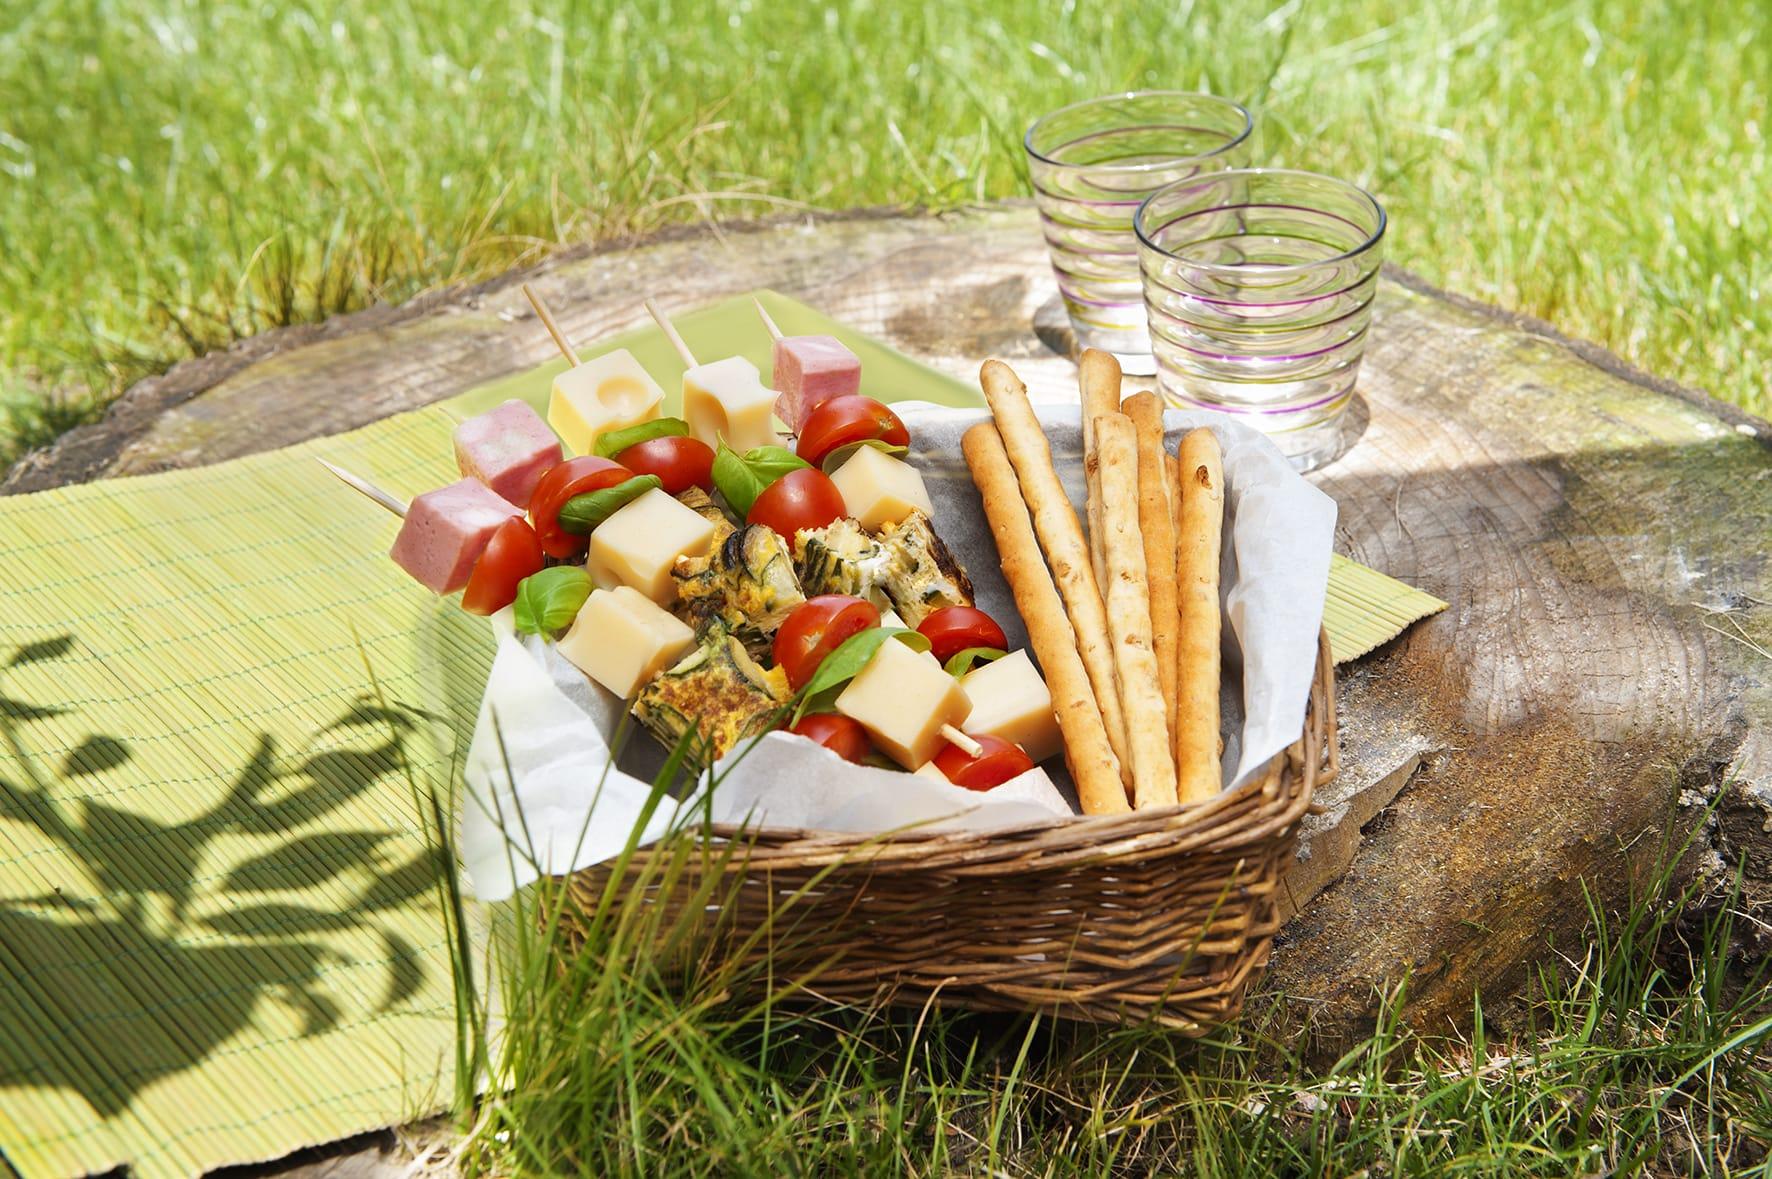 Spiedini arcobaleno con emmental, frittata e pomodorini